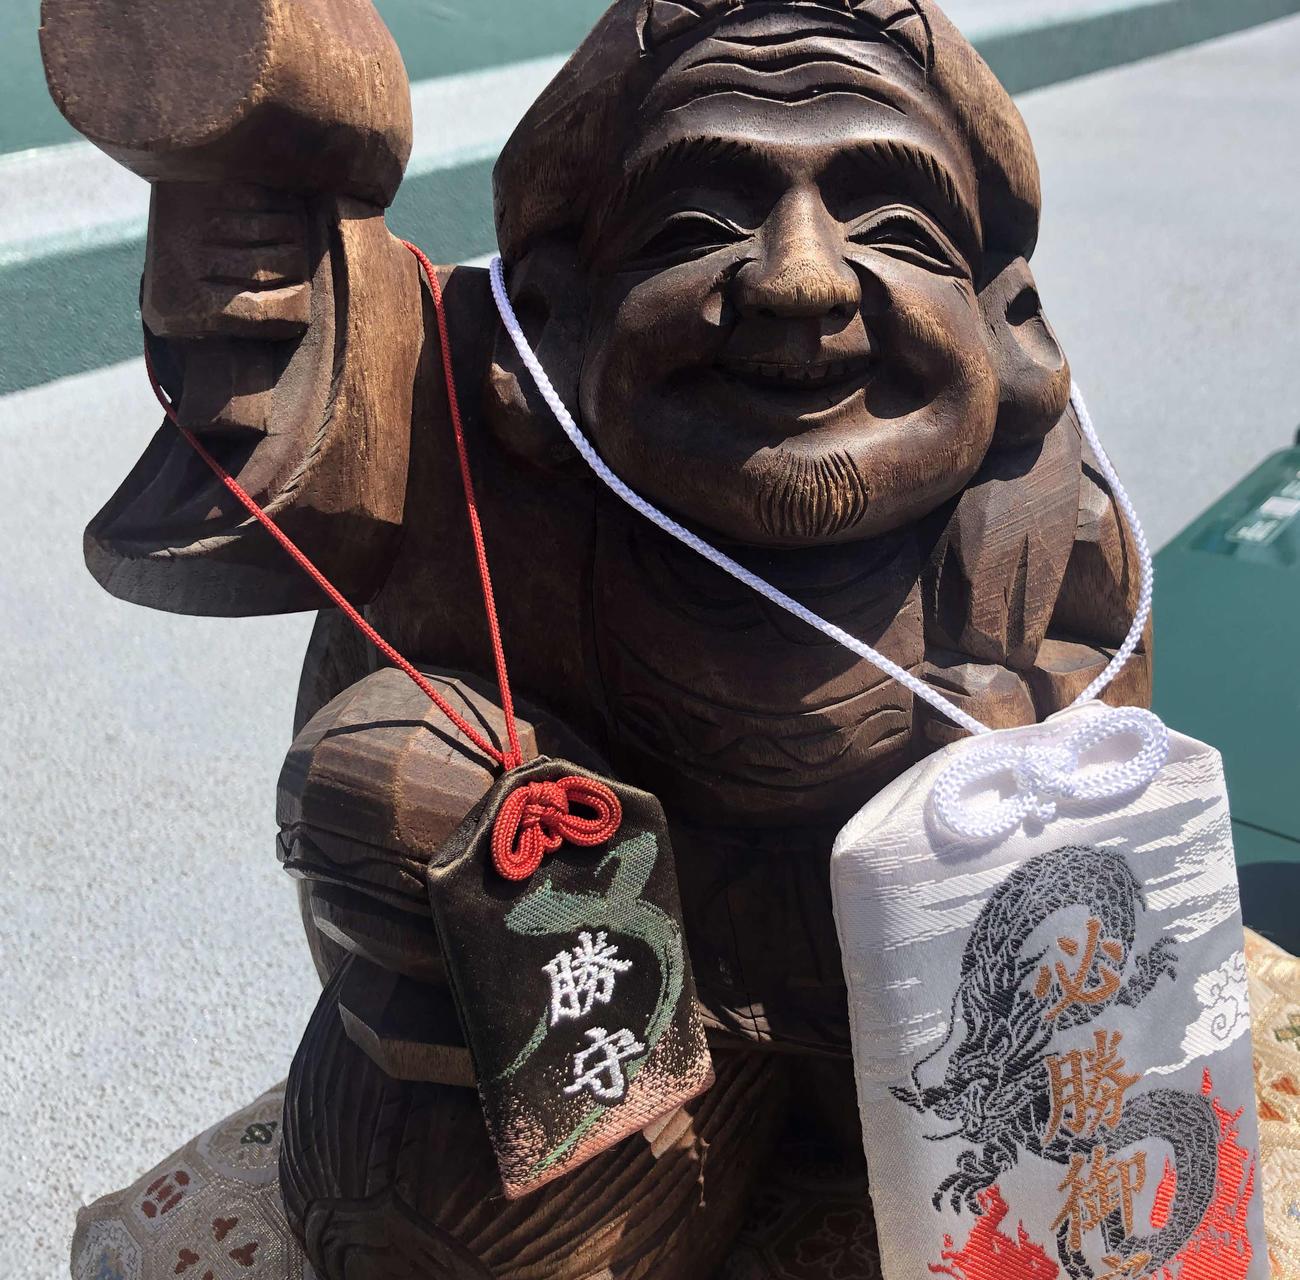 明豊野球部で受け継がれてきた「大黒さん」の木彫り